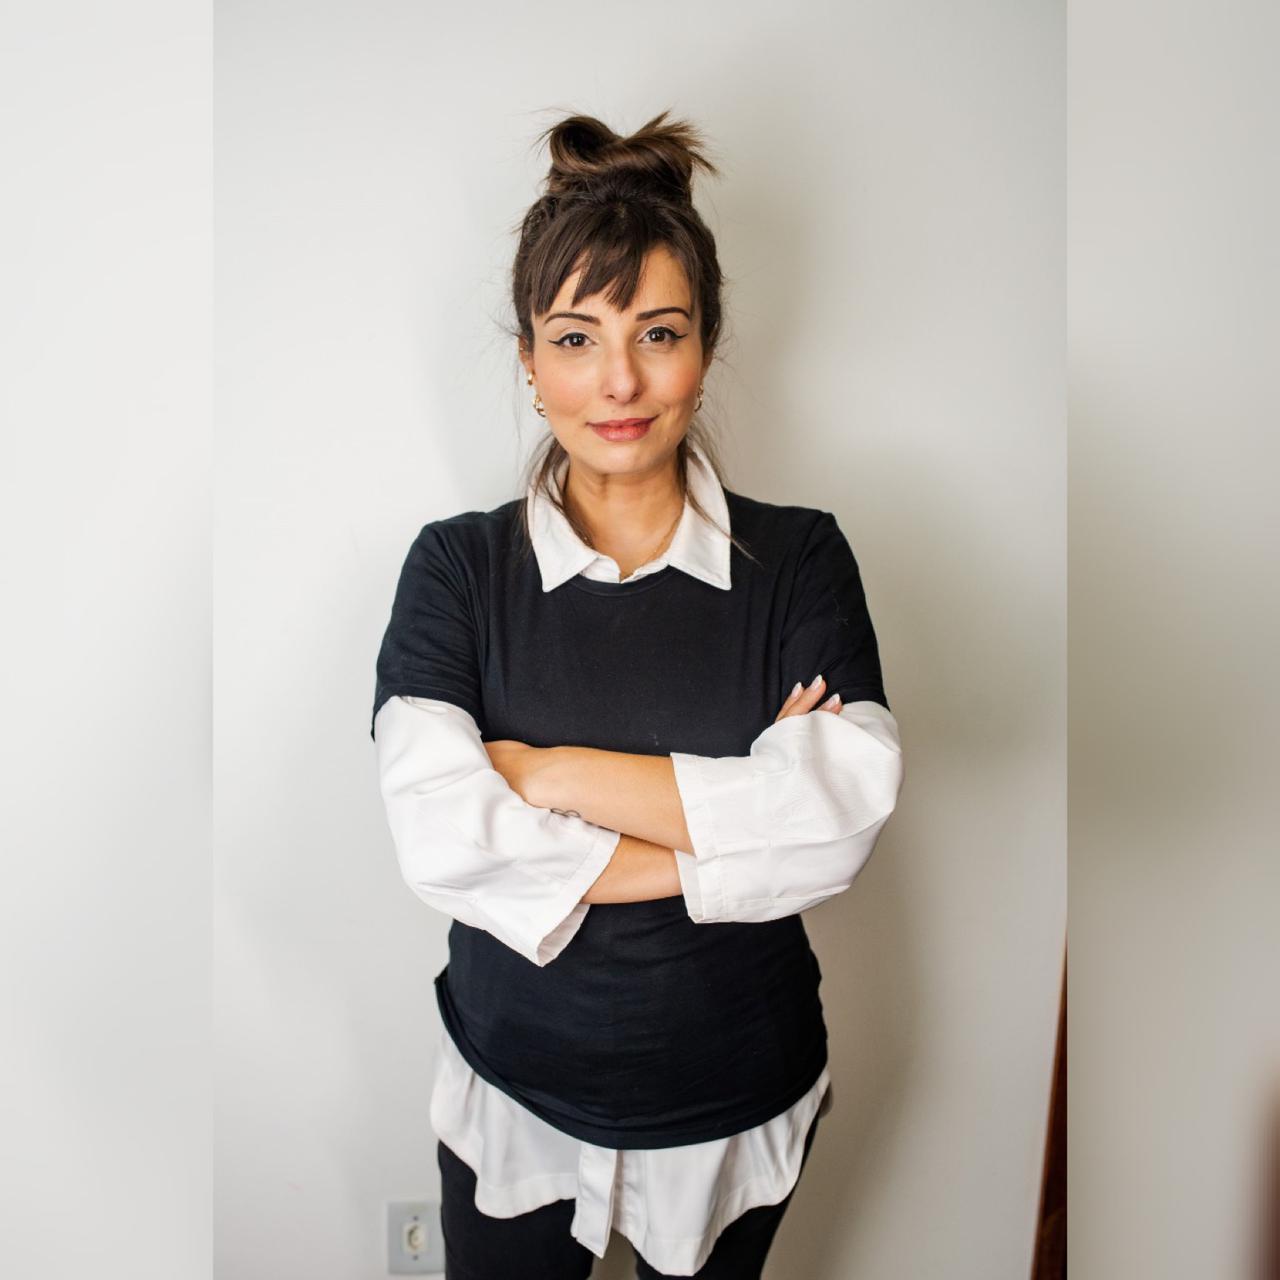 Karoline Brito é pesquisadora e professora da UFCG (Foto: Arquivo pessoal)